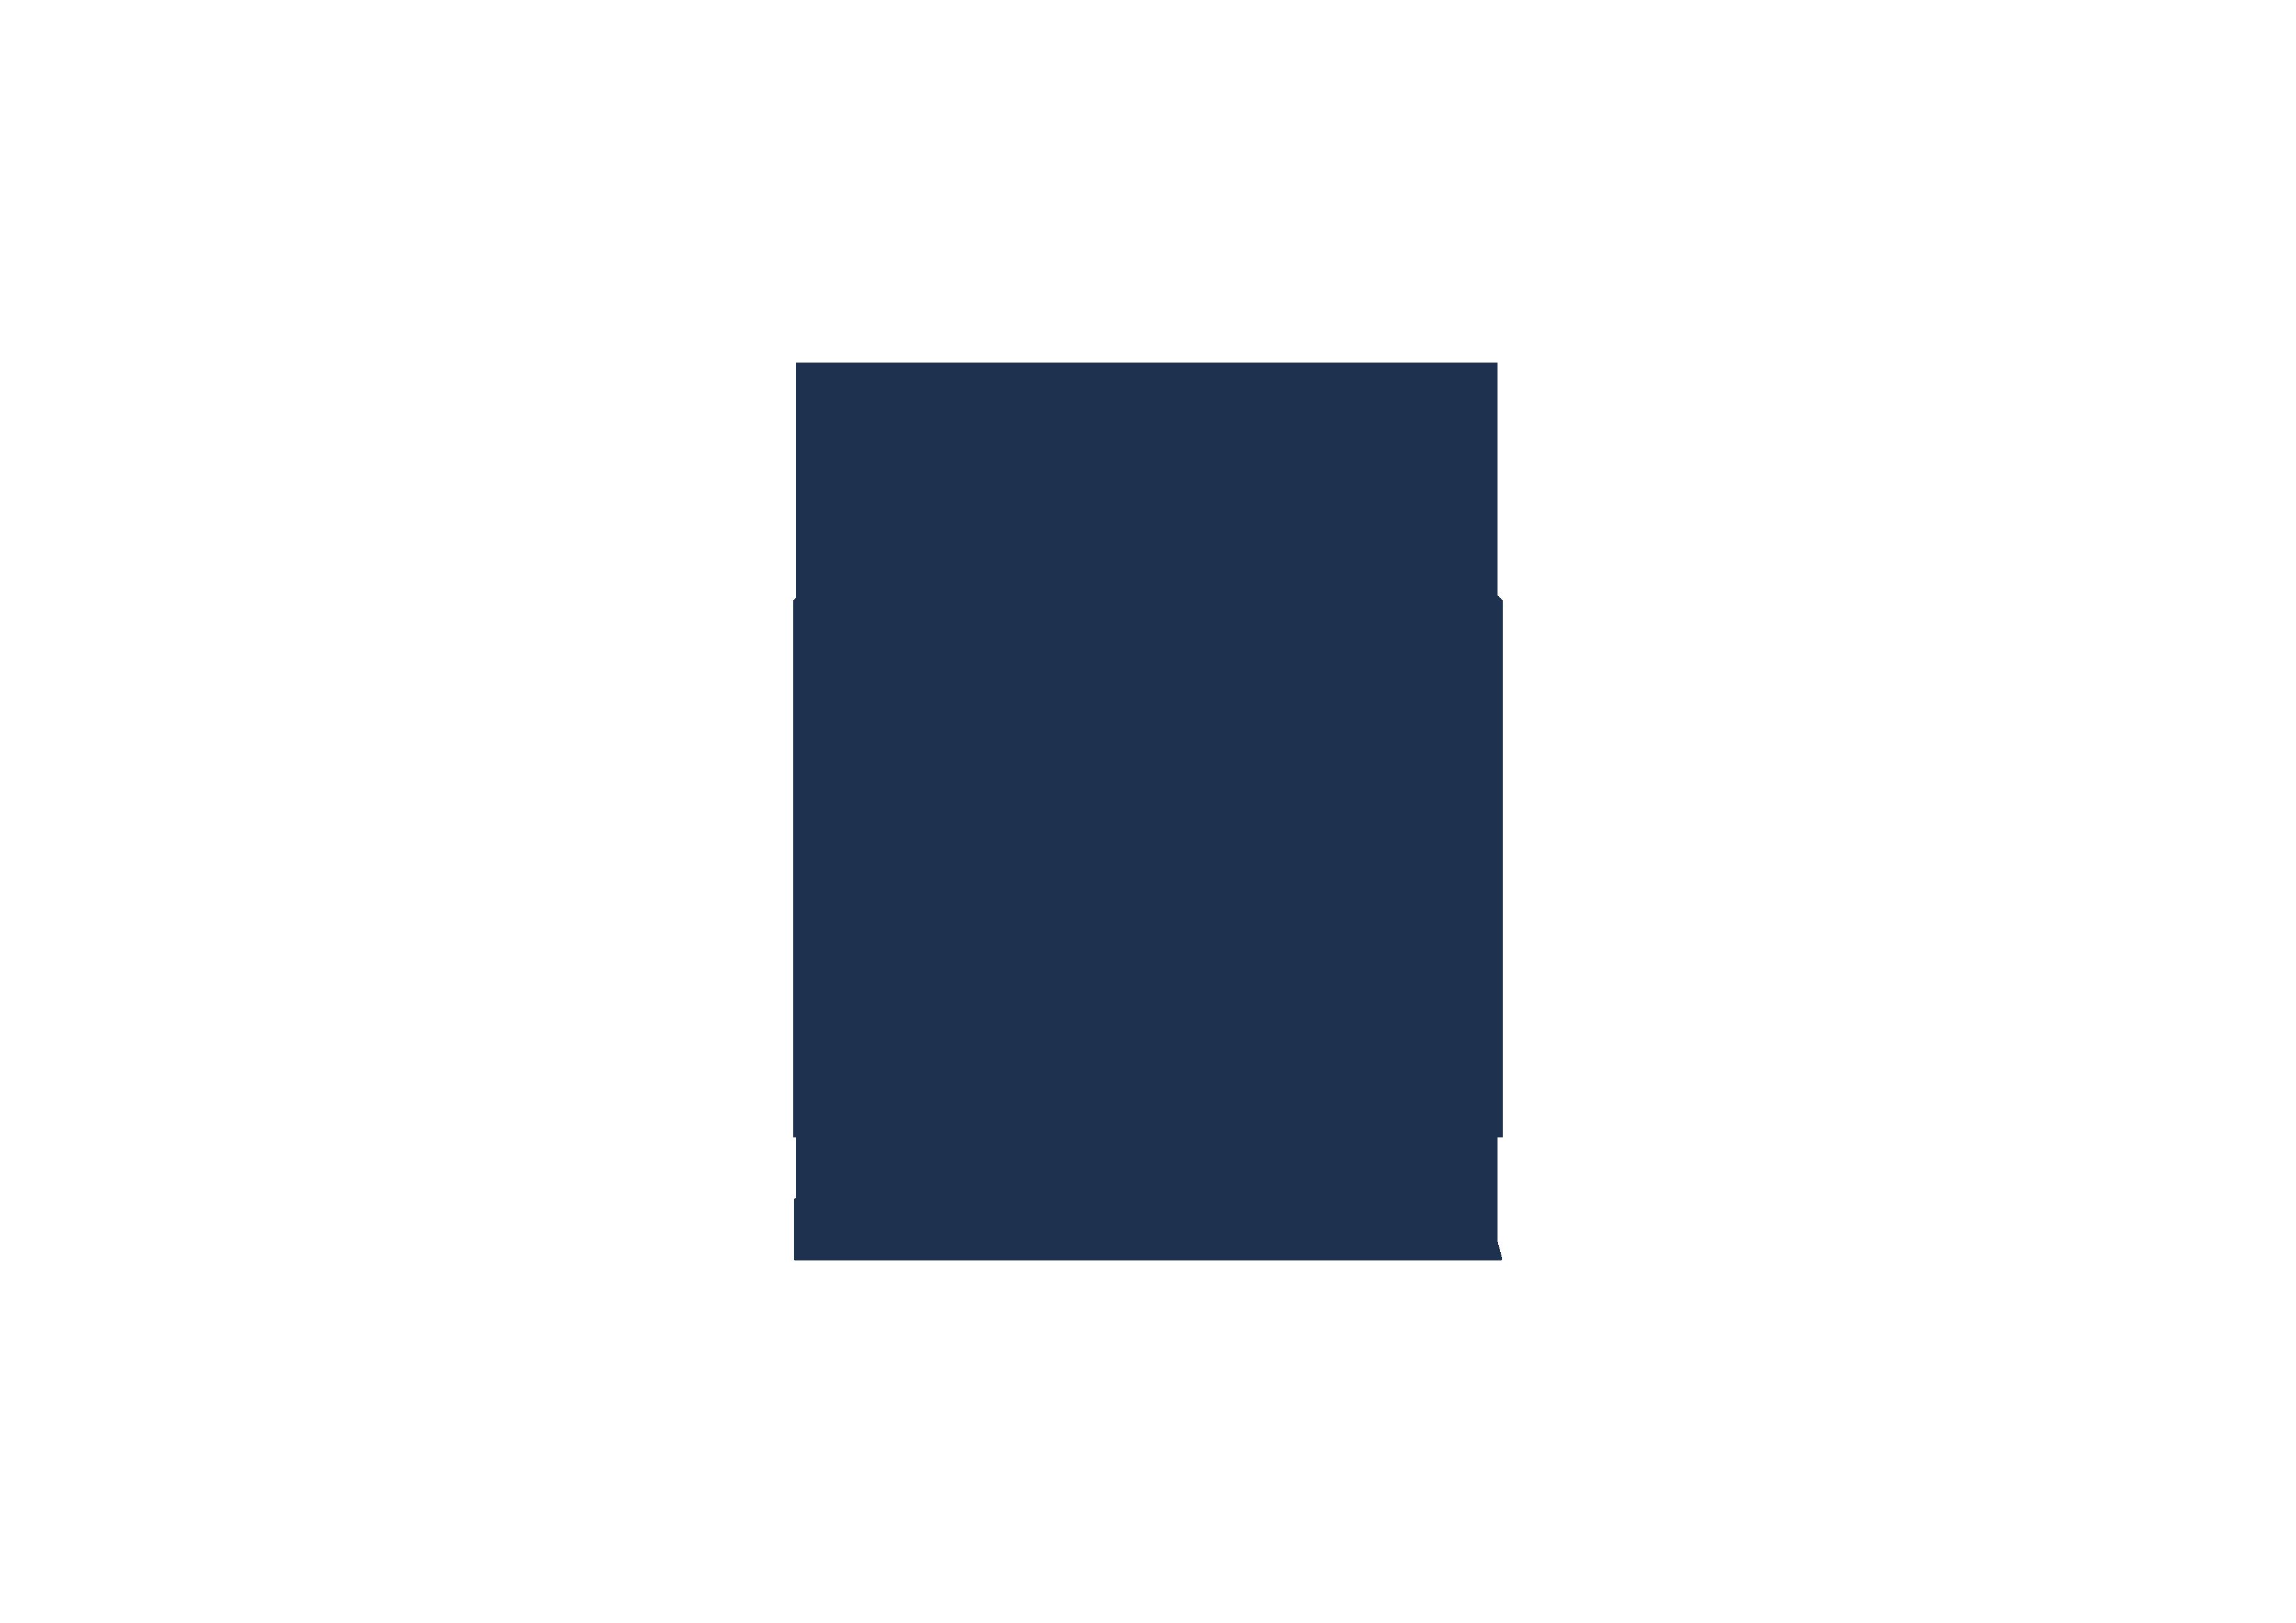 Hämeenlinnan kaupungin logo